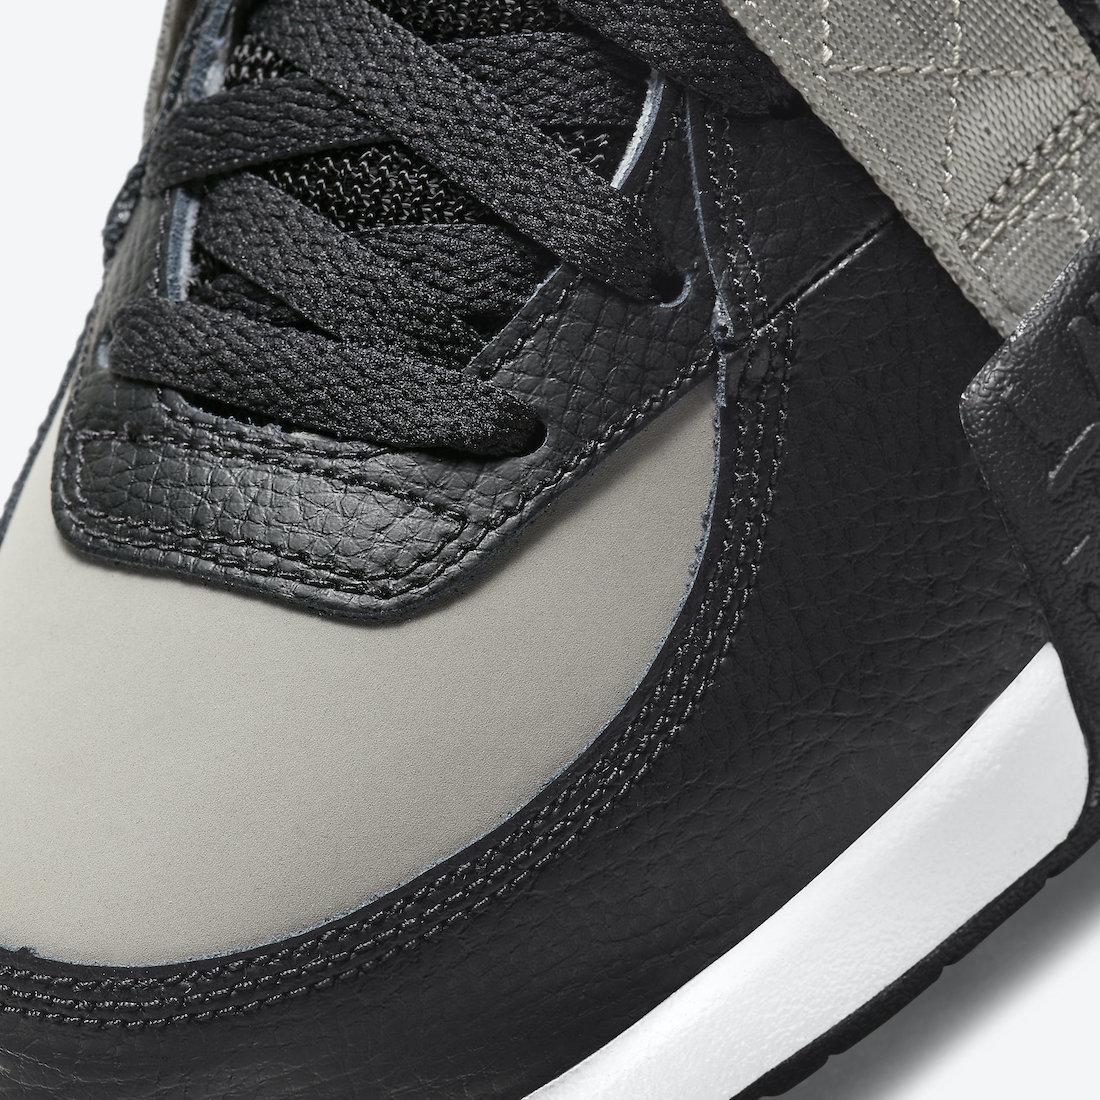 Nike-Air-Raid-OG-DC1412-001-Release-Date-6